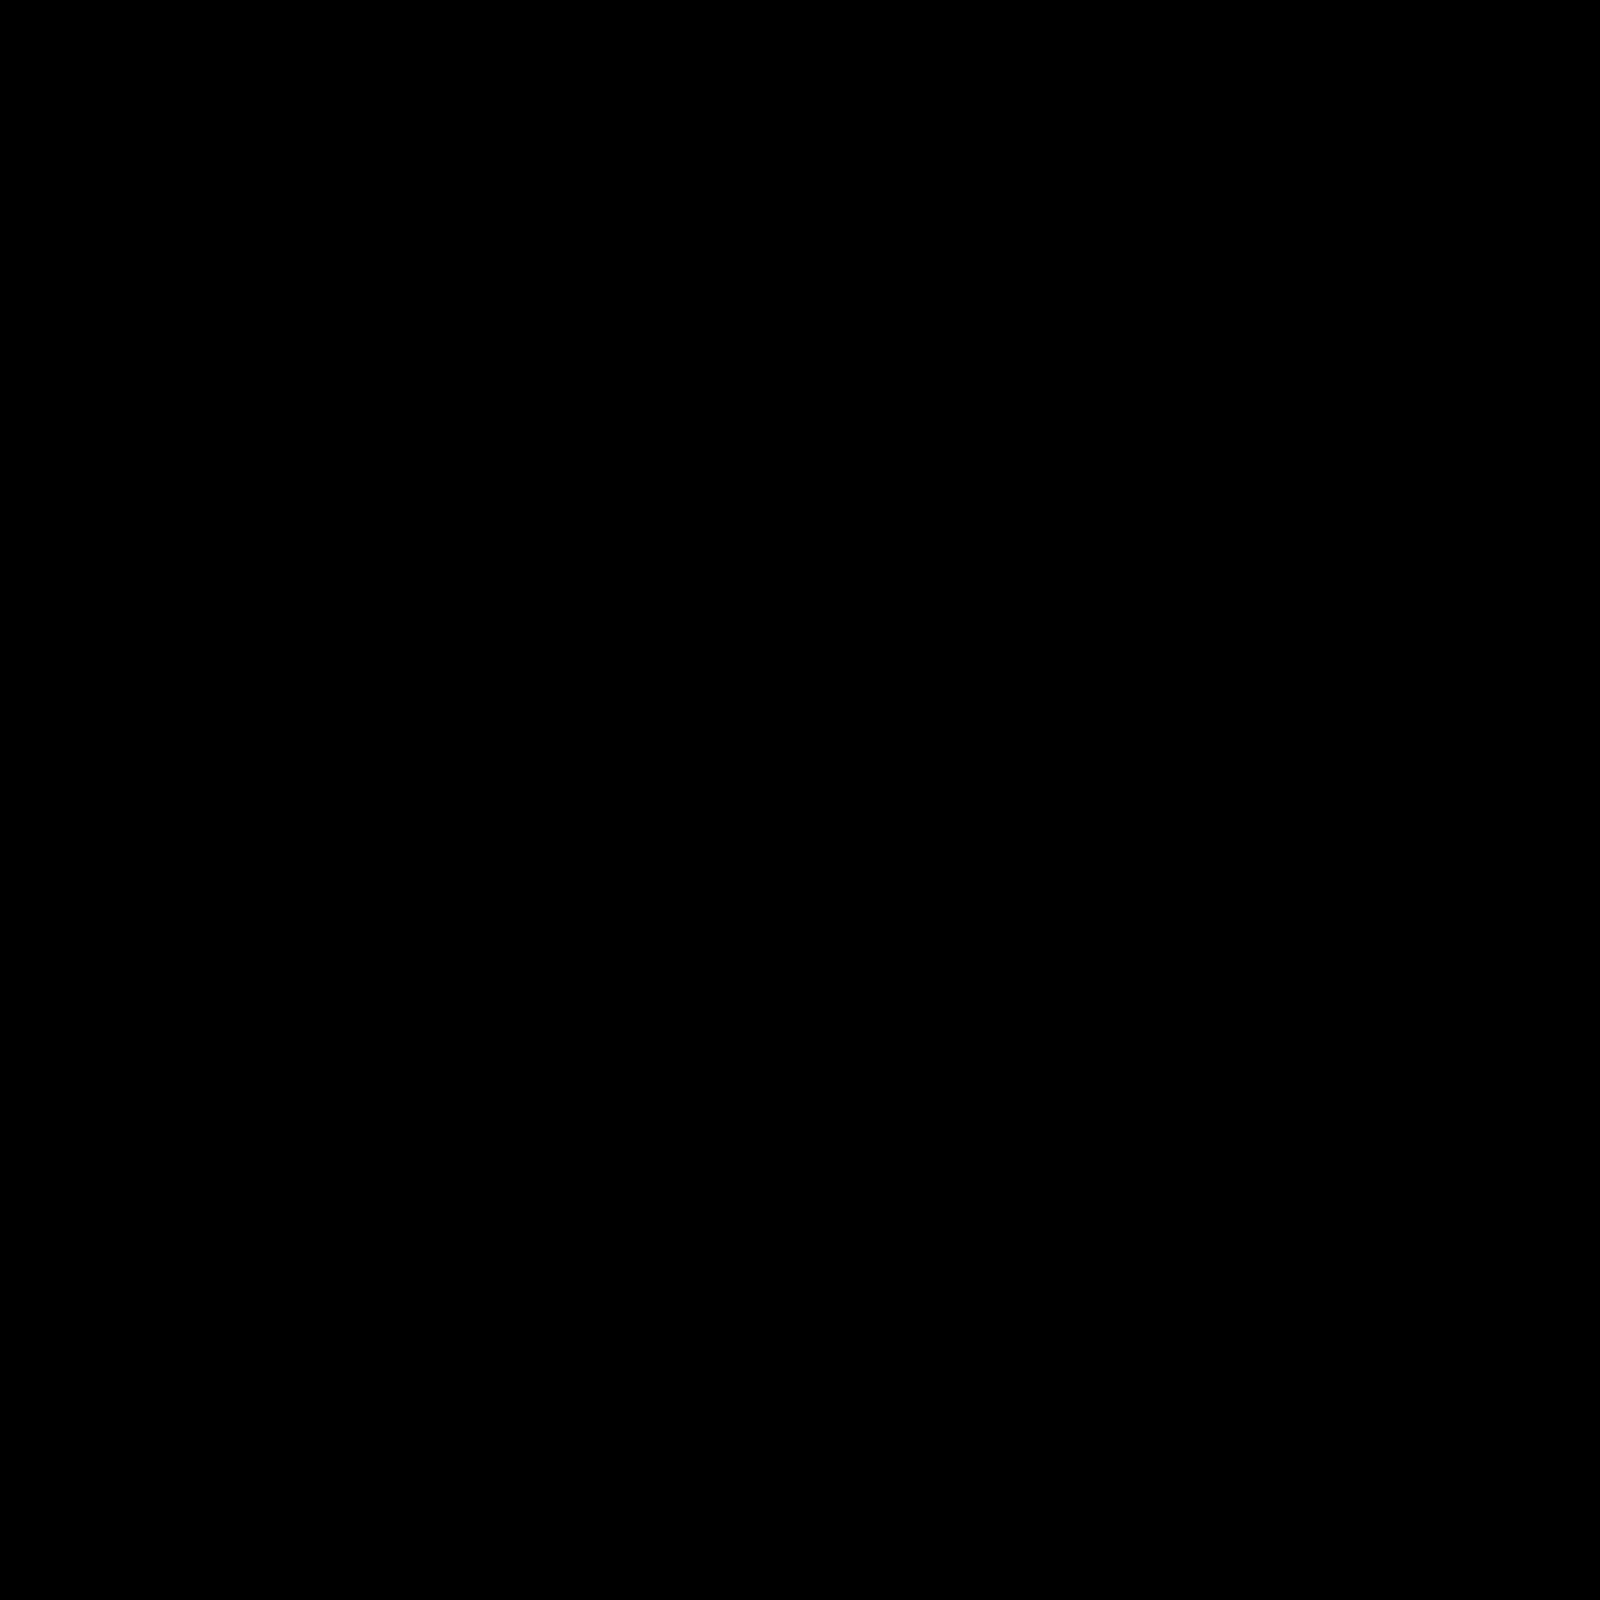 信箱关闭标志向上 icon. A mailbox with a horizontal slit on the door and a handle on one of the sides. The handle is raised high. The front profile of the box is rectangular down below and rounded up top, like a house door. From the side, it has a rectangular profile. The entire box is on top of a slim post.